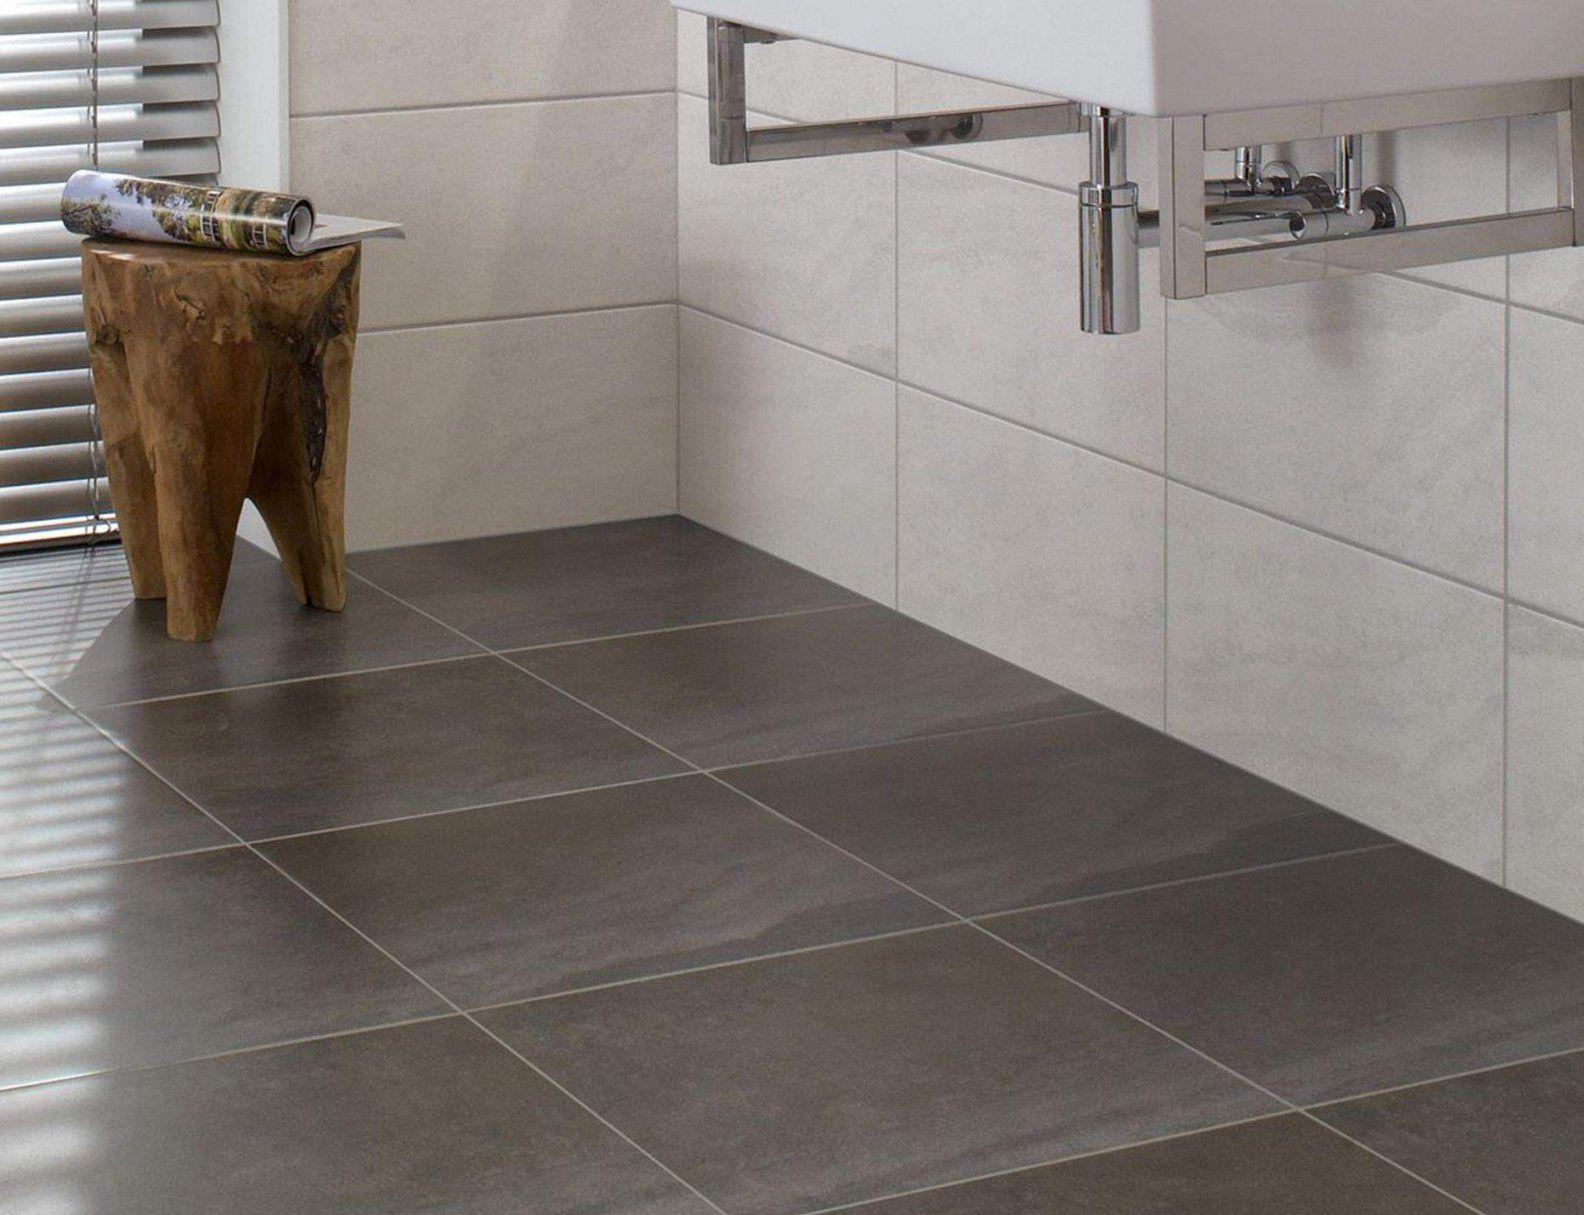 Pvc Fürs Bad | Schneckendusche Mit Ecke 180x147 5 Cm Dachboden